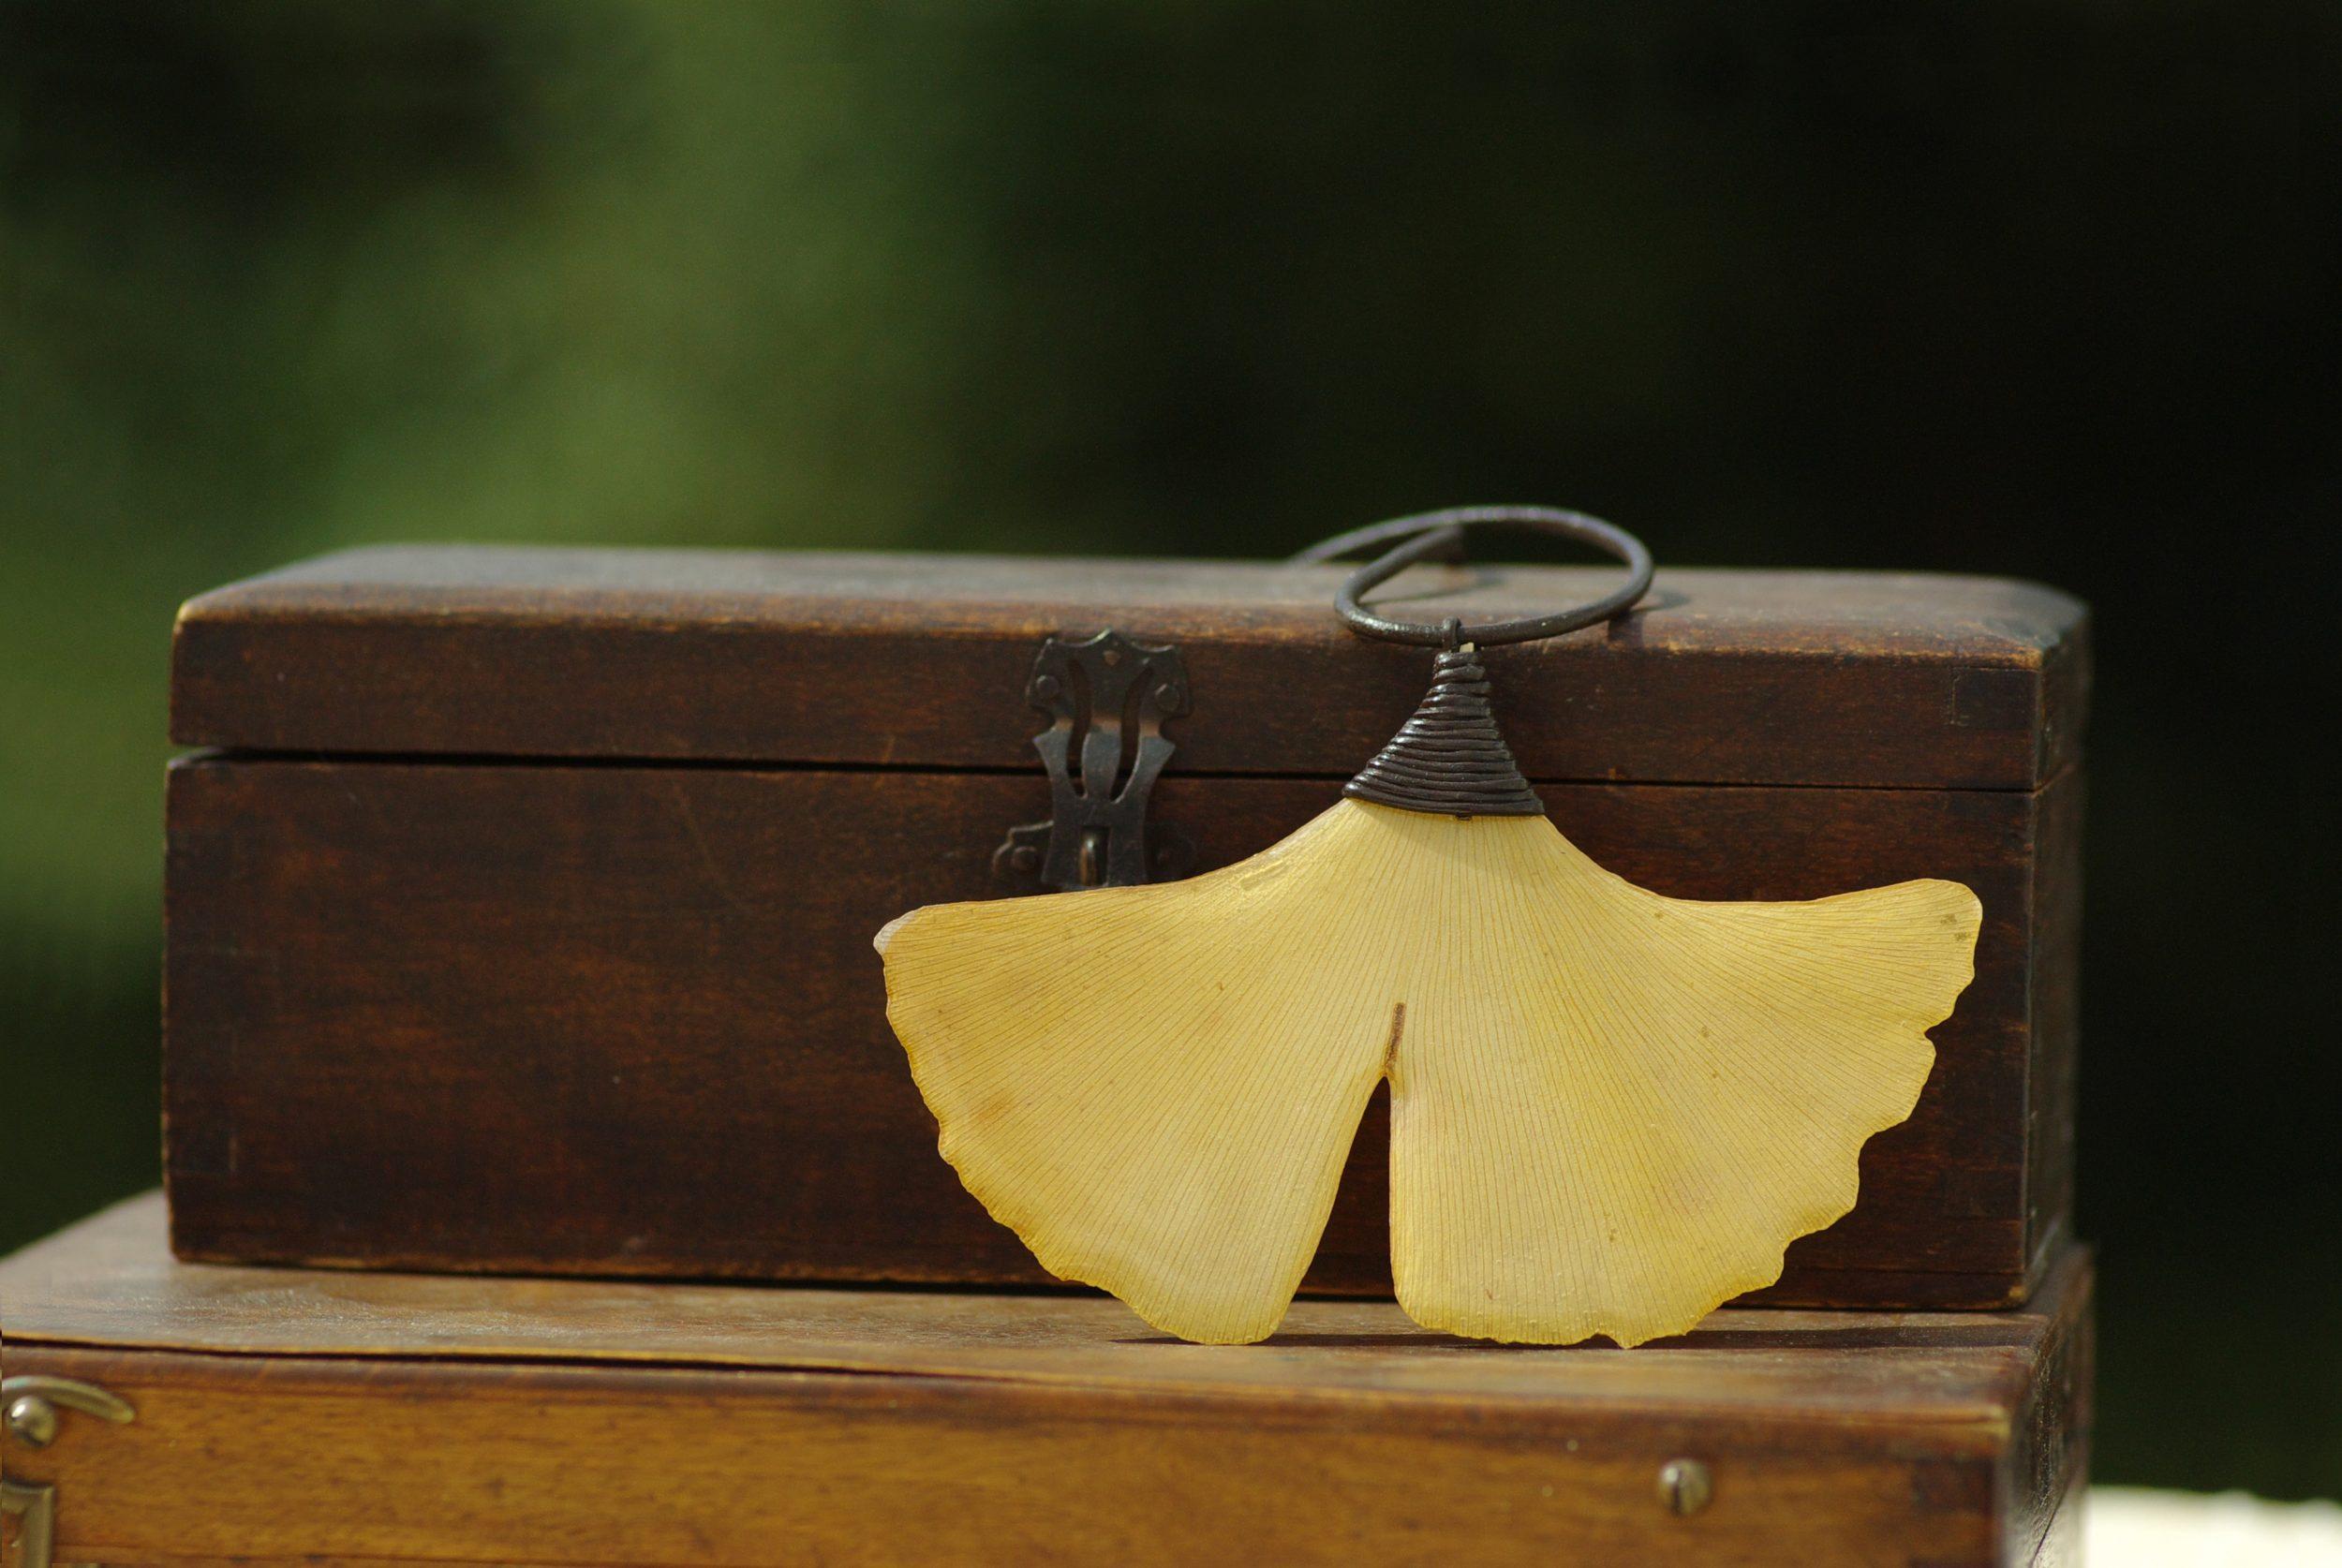 collier à pendentif végétal ginkgo biloba et cordon de liège, posé sur des coffrets de bois